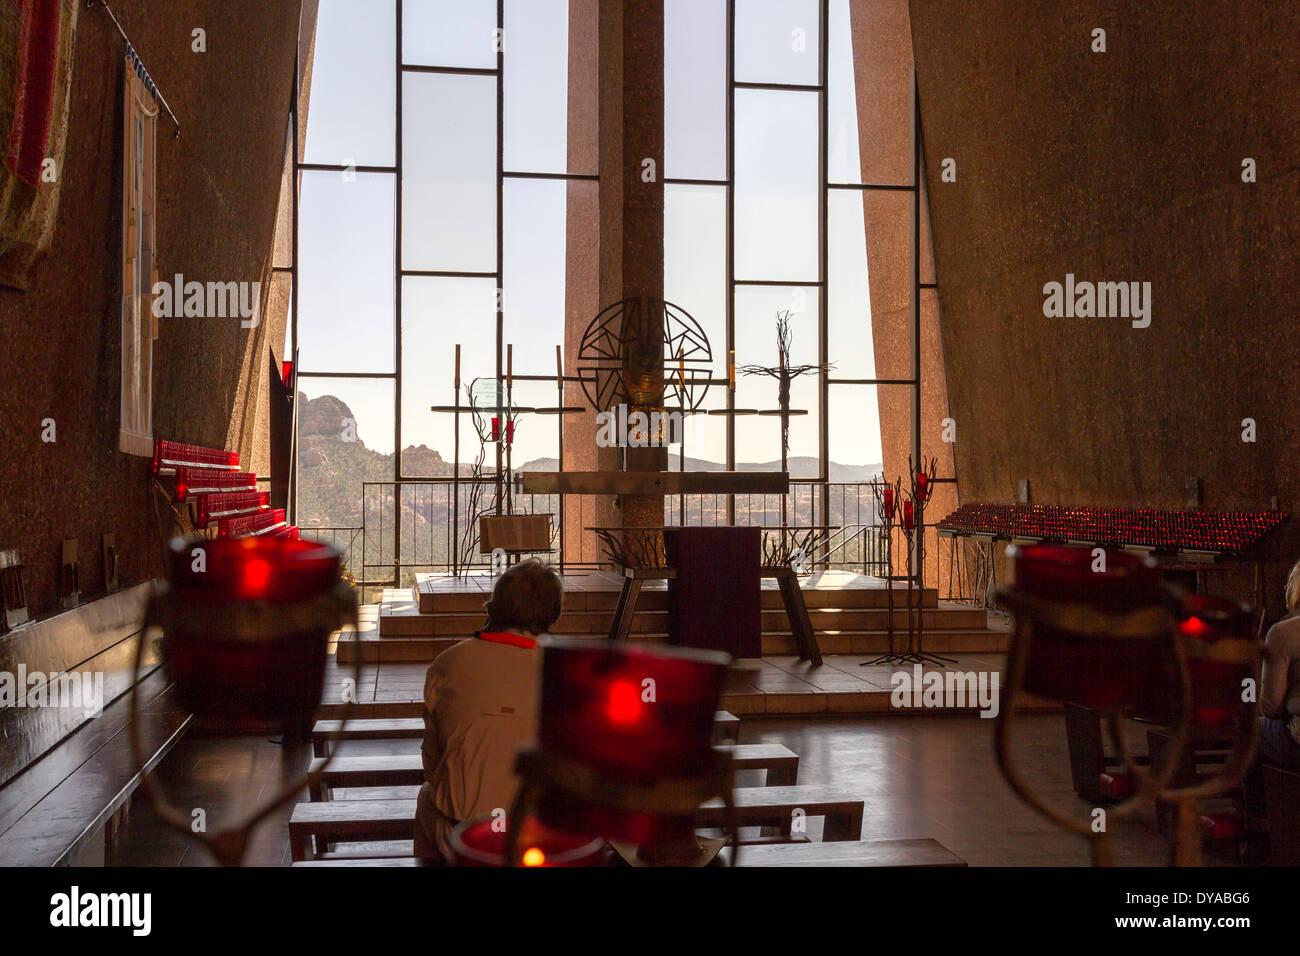 Interior, Chapel Of The Holy Cross, Sedona, Arizona, USA